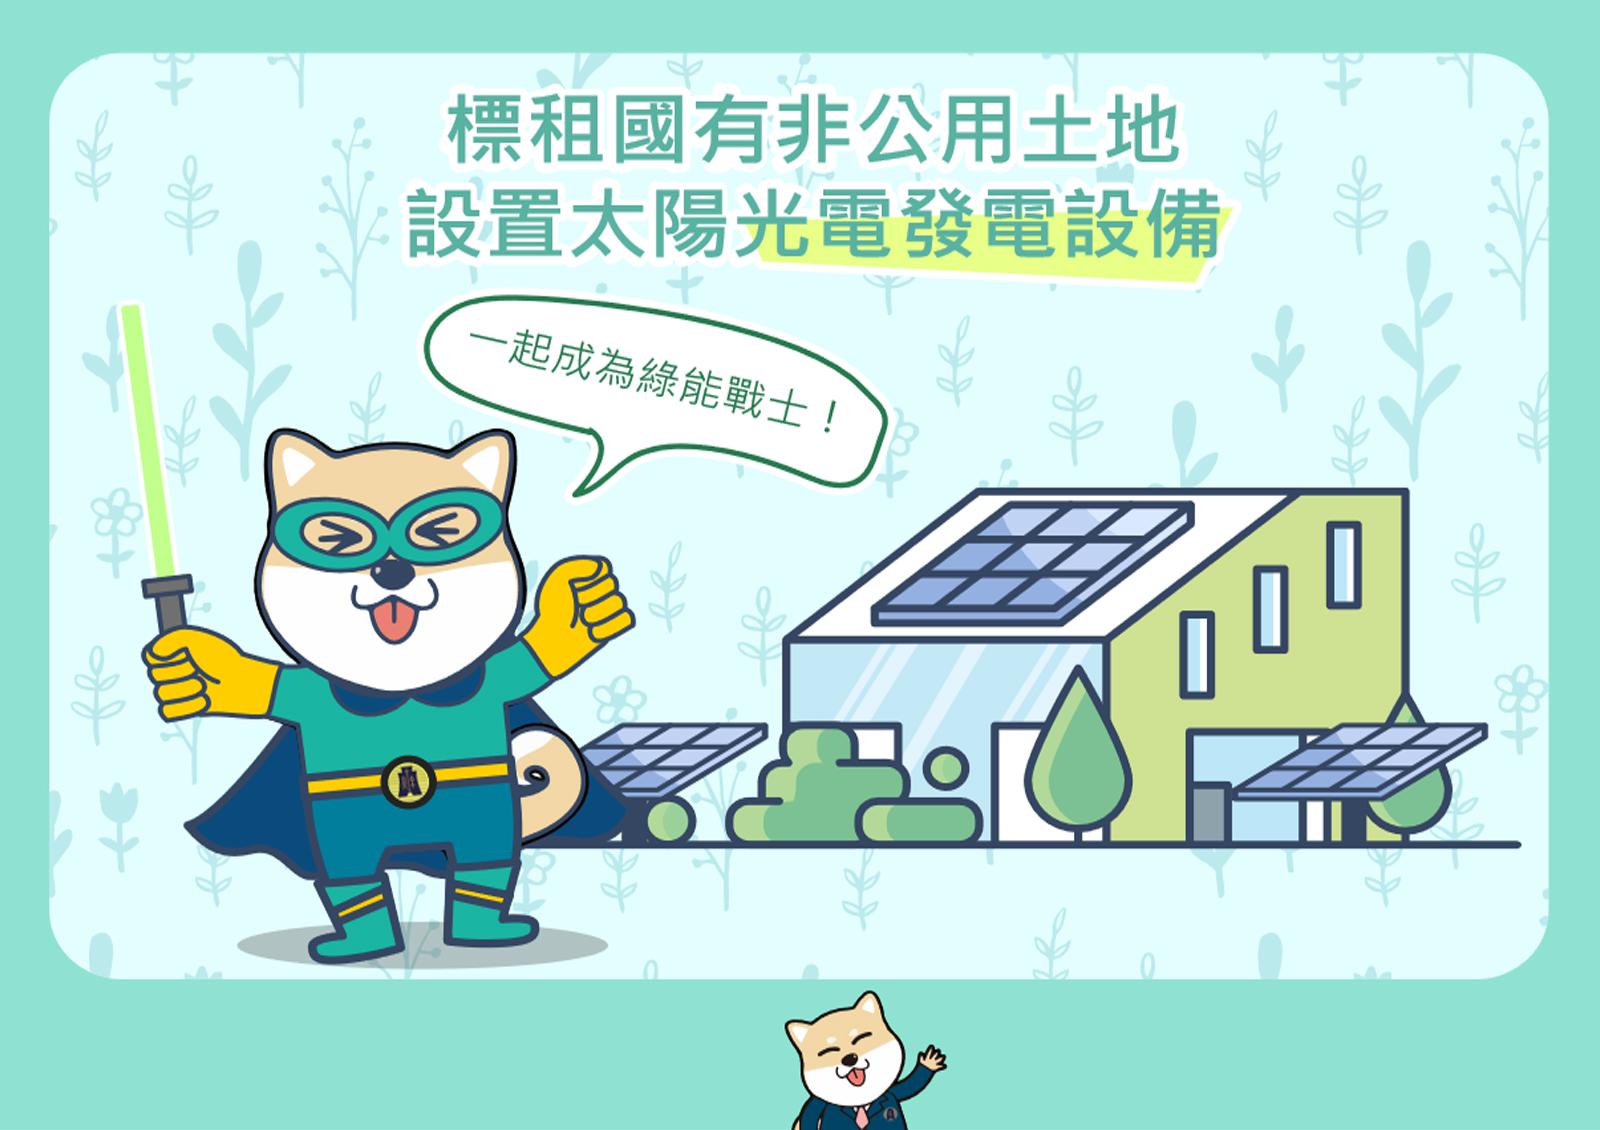 標租國有非公用土地供設置太陽光電發電設備